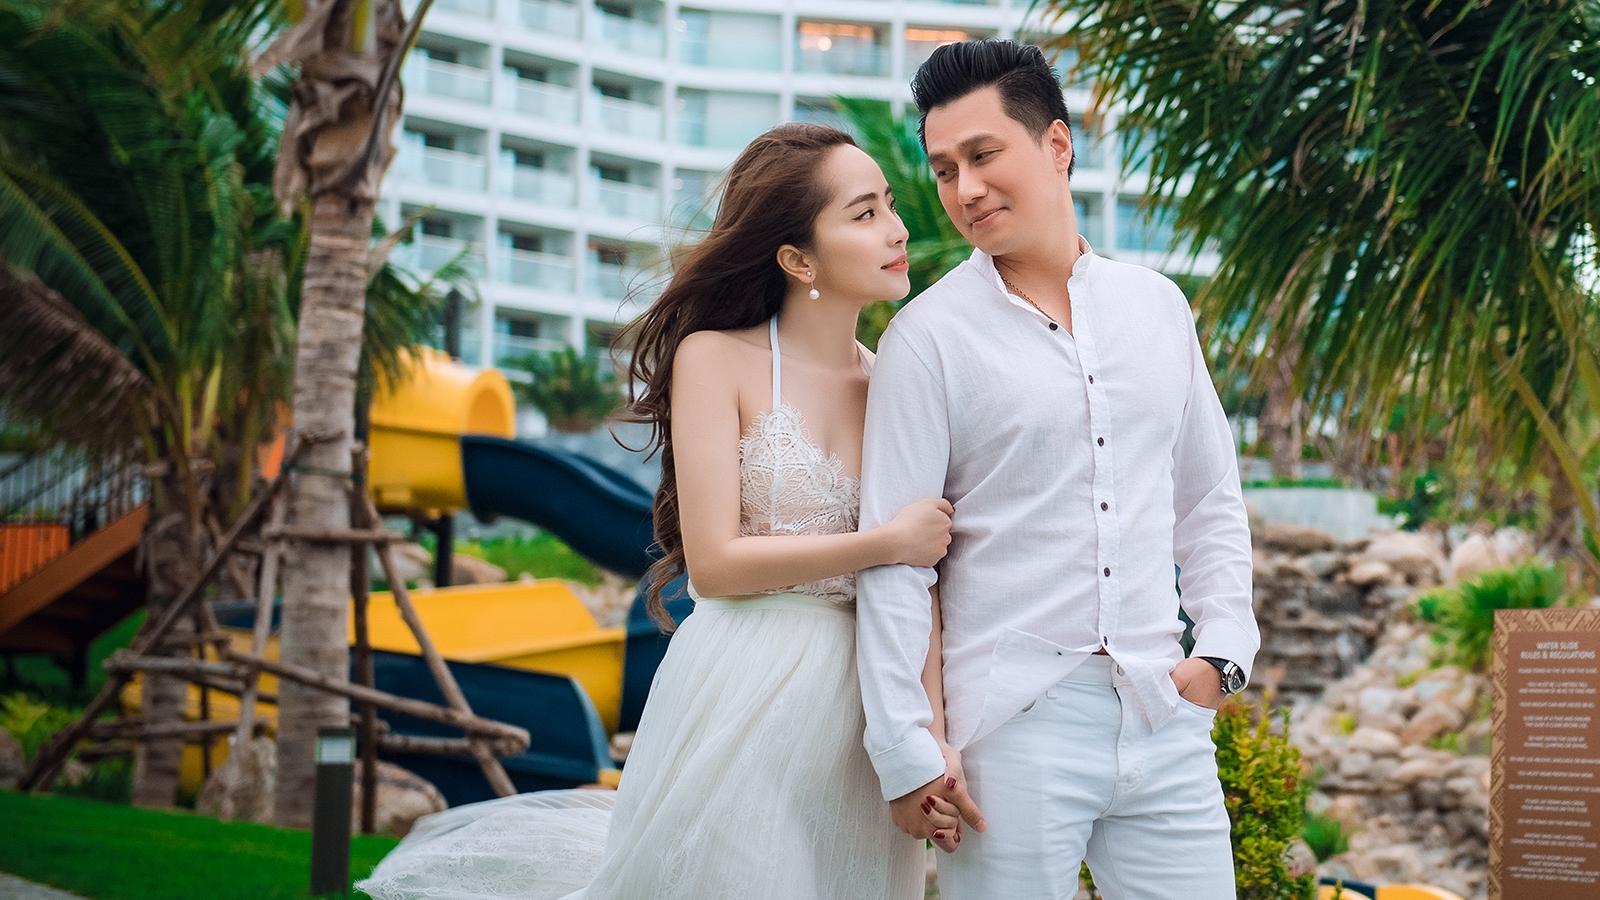 Chuyện showbiz: Quỳnh Nga chính thức lên tiếng về mối quan hệ với Việt Anh